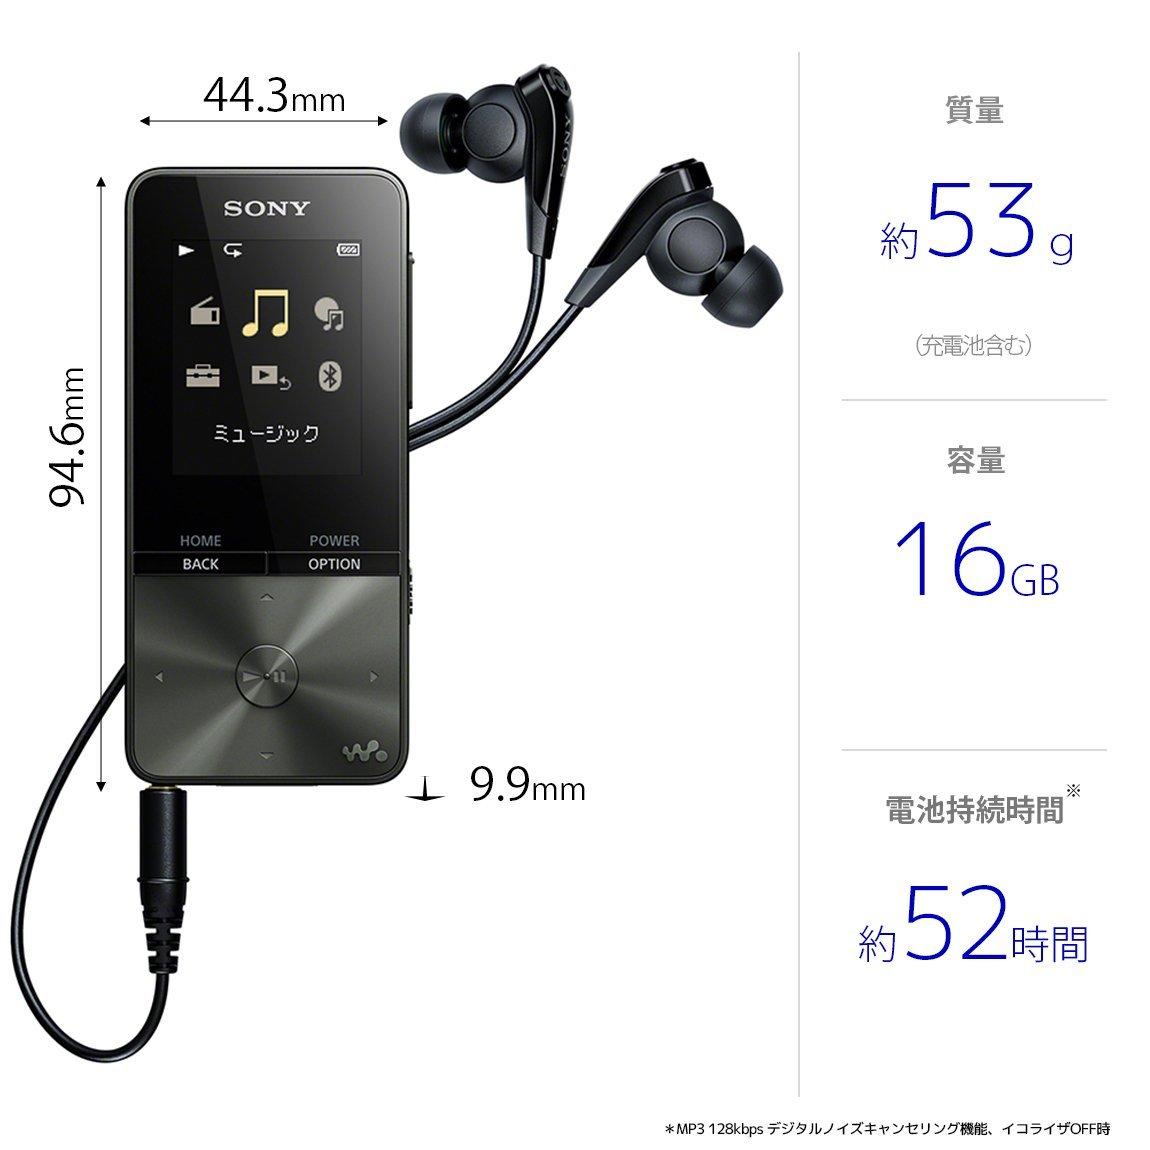 (納期目安3週間~)SONY NW-S315-B ブラック 16GB ソニー ウォークマン イヤホン付属 Bluetooth対応 [NWS315B]